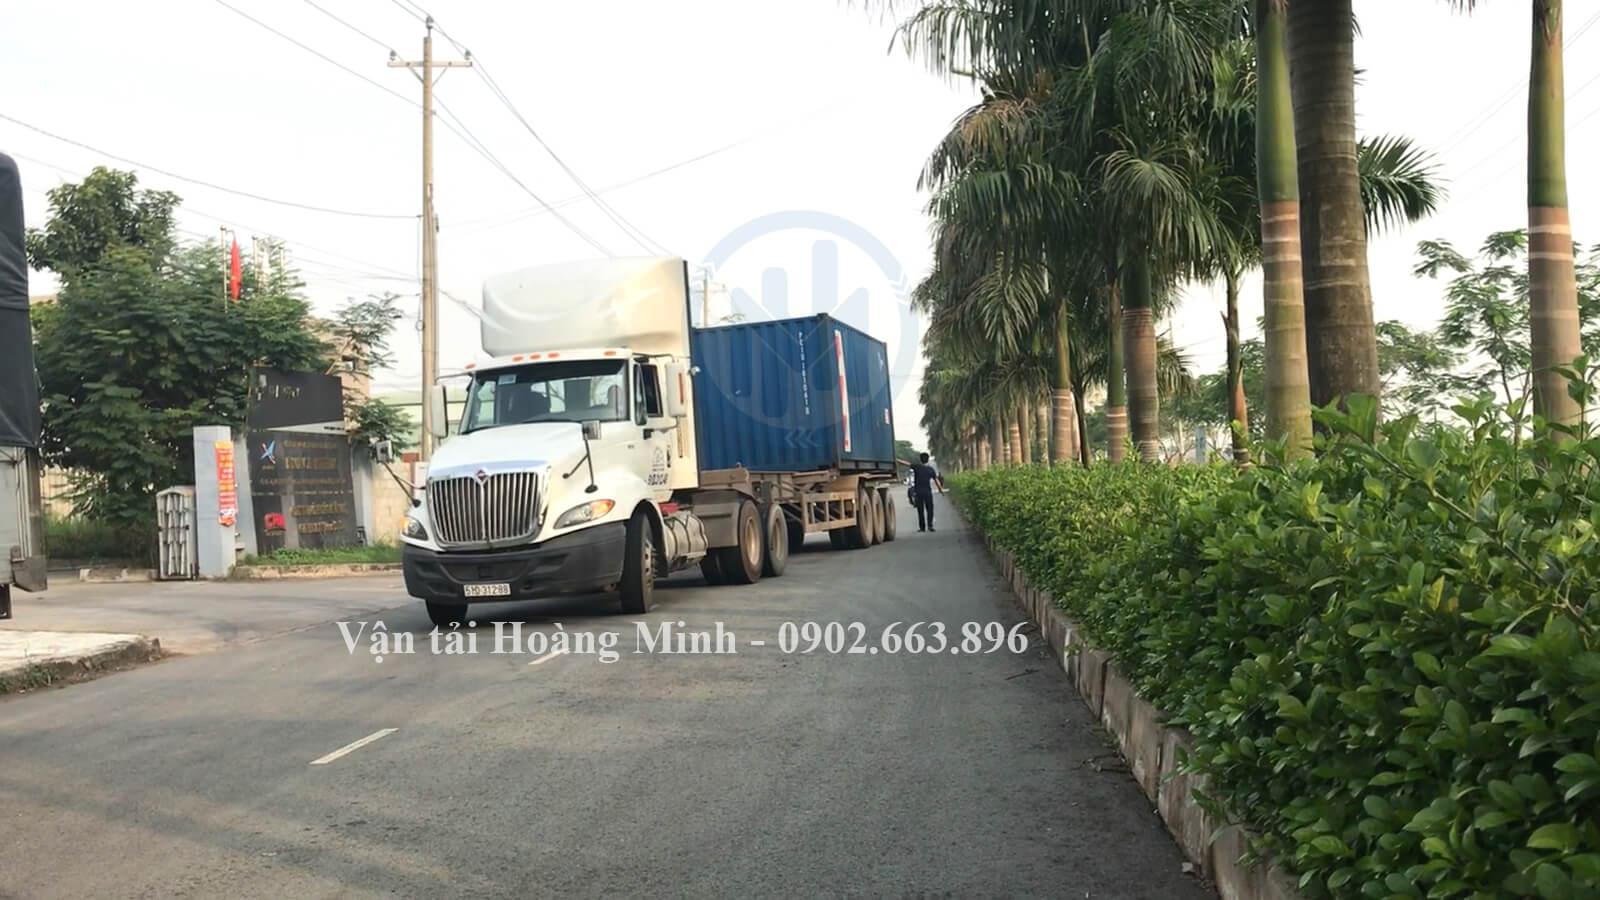 vận chuyển hàng hoá bằng xe đầu kéo container